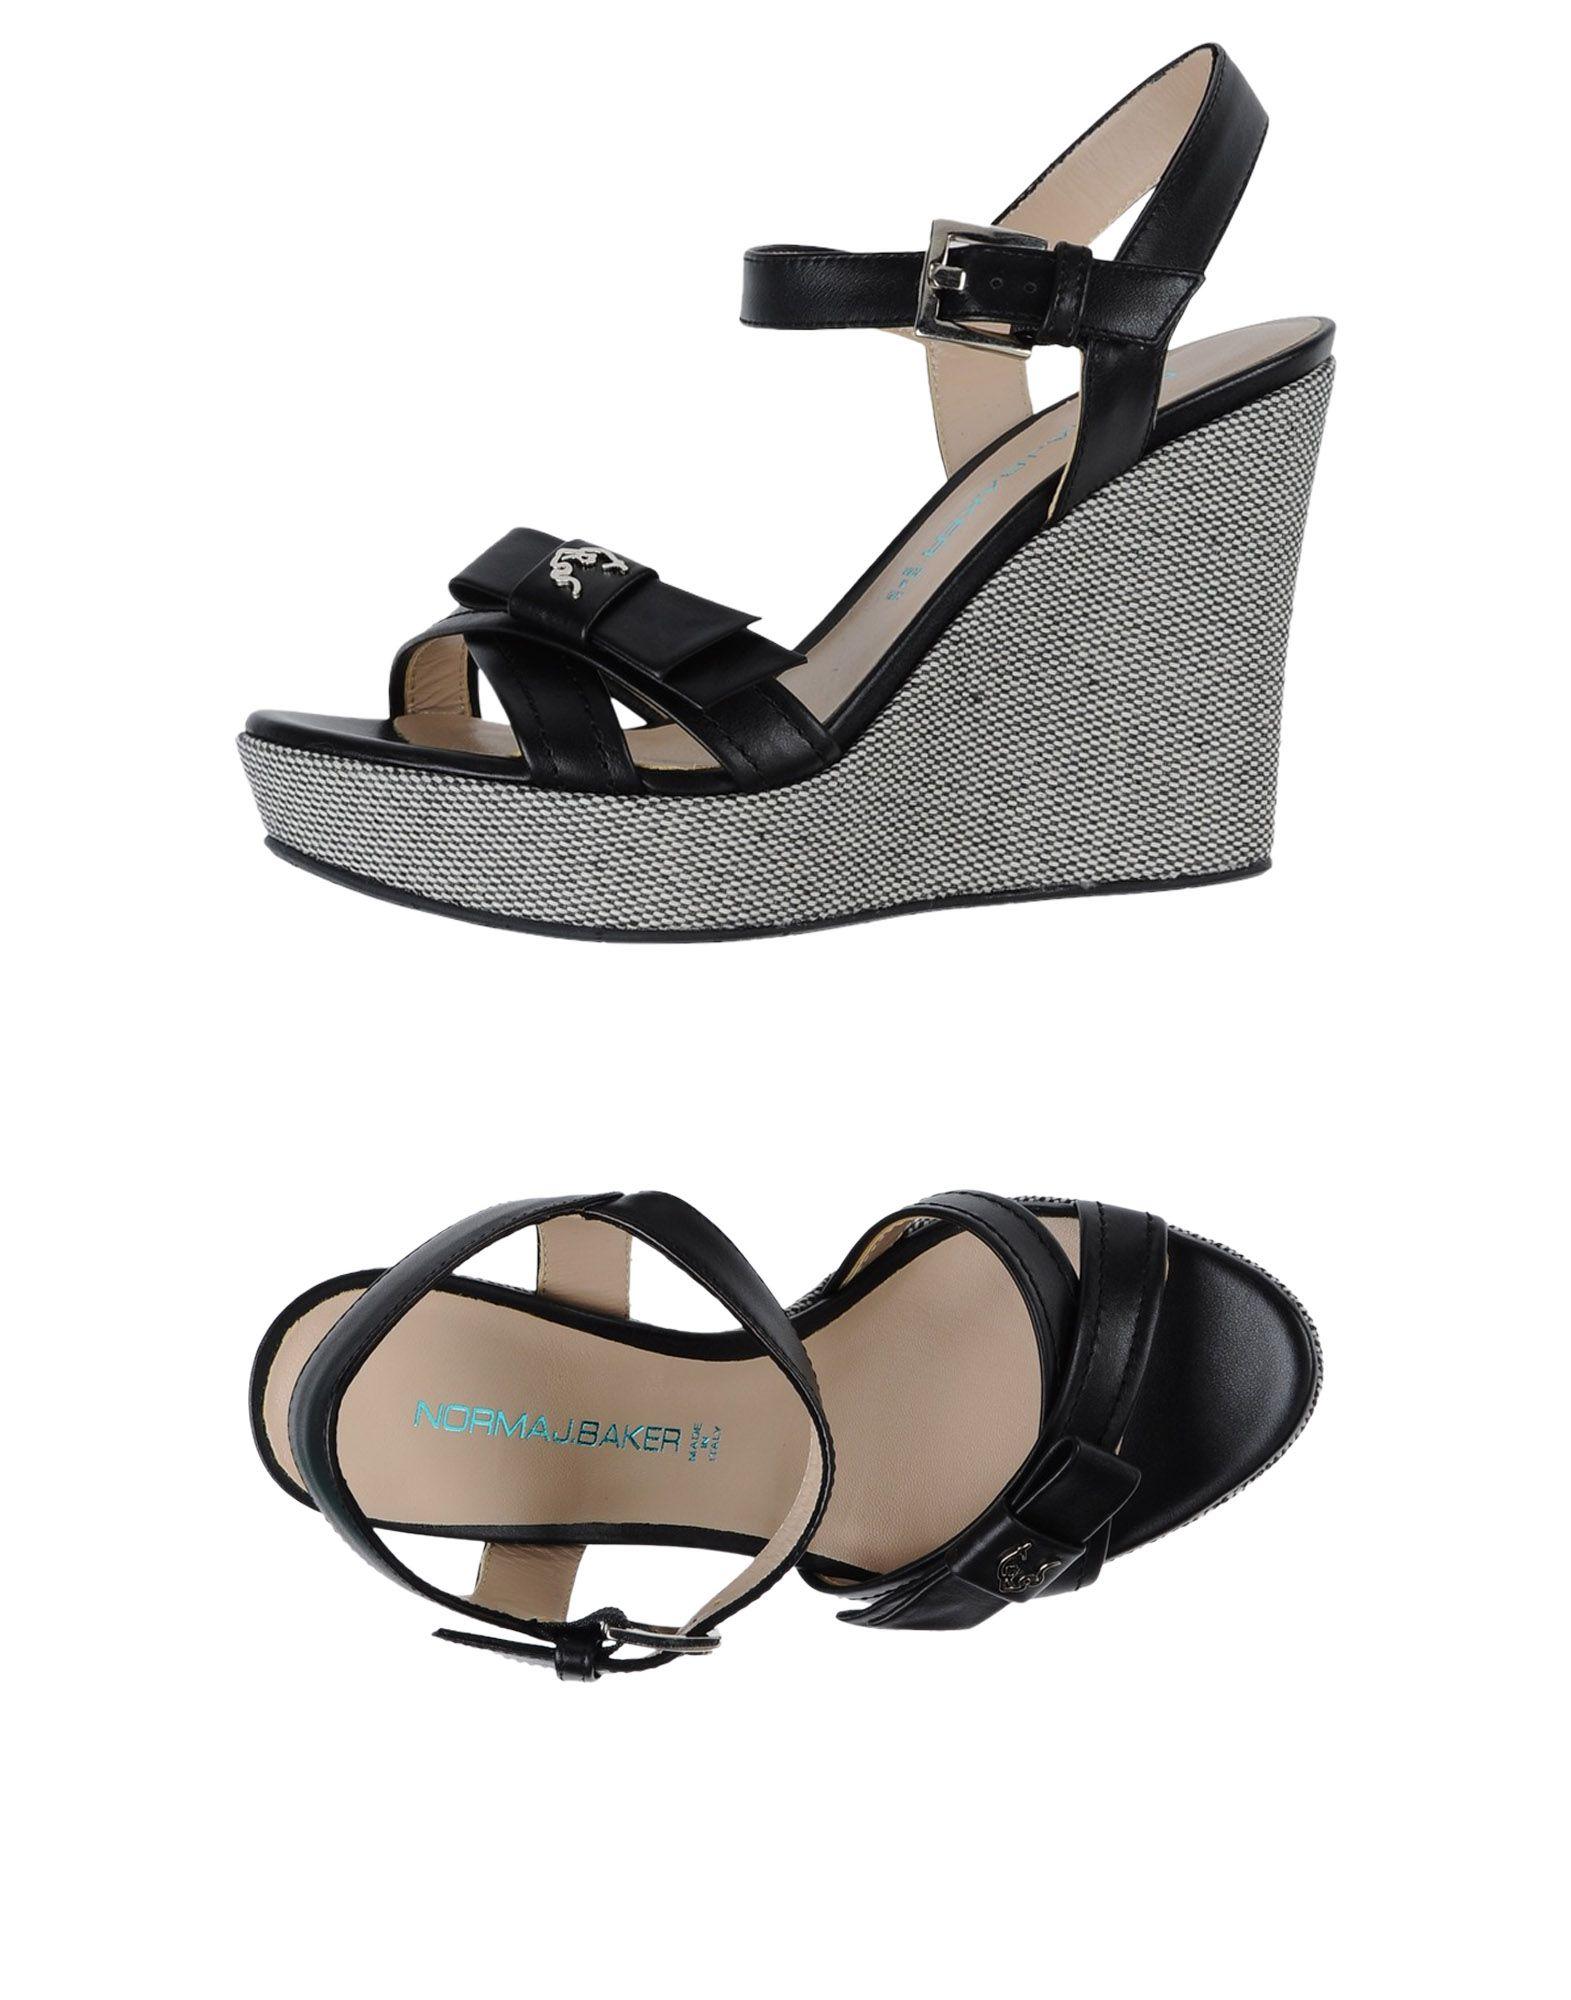 Gut um Sandalen billige Schuhe zu tragenNorma J.Baker Sandalen um Damen  11338961VR 825bf1